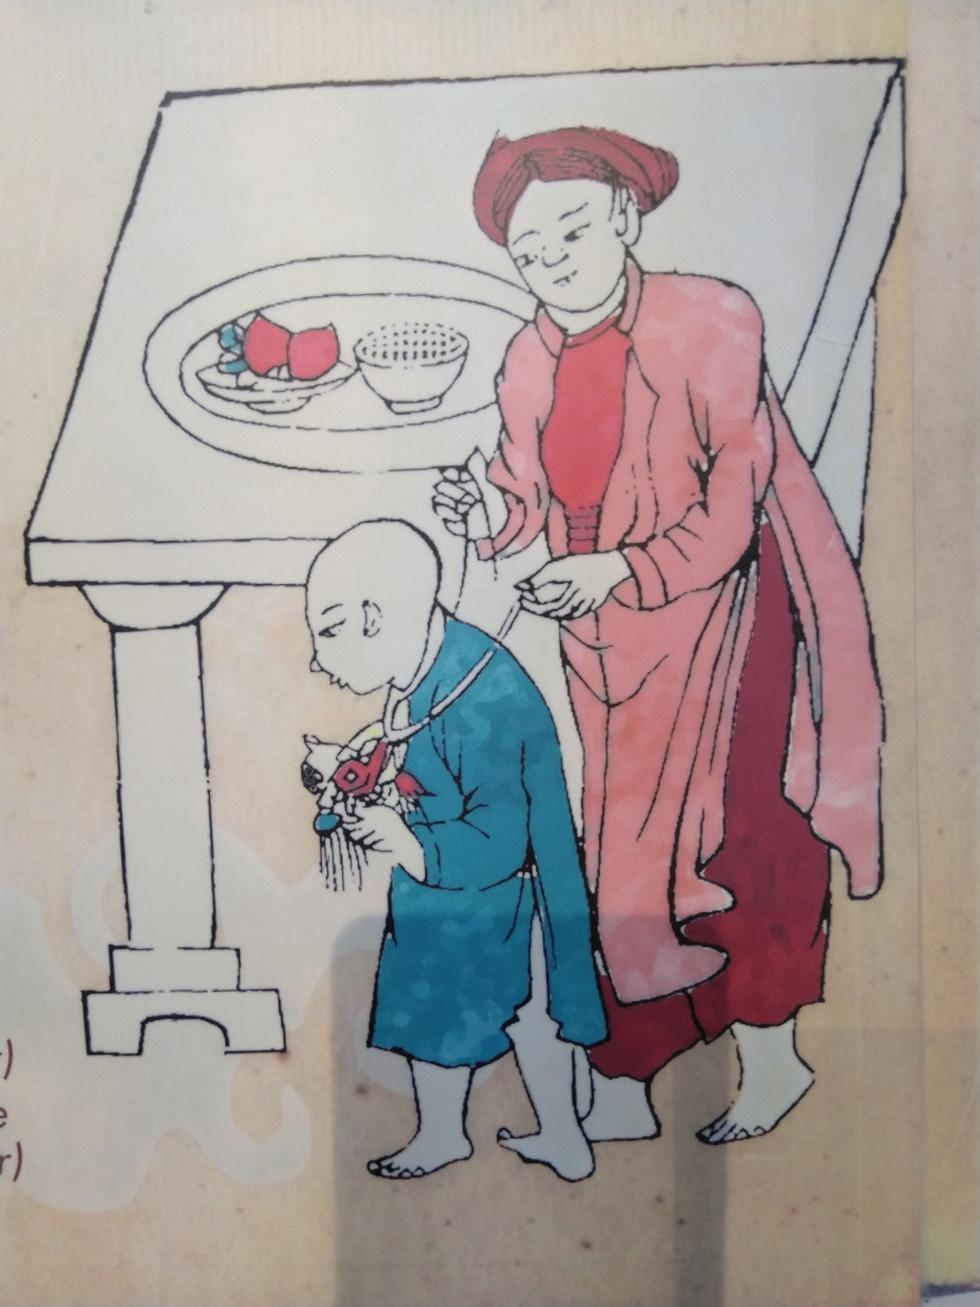 Tết Đoan Ngọ - Tết kì lạ nhất của người Việt qua tranh, tư liệu của tác giả Pháp - Ảnh 13.